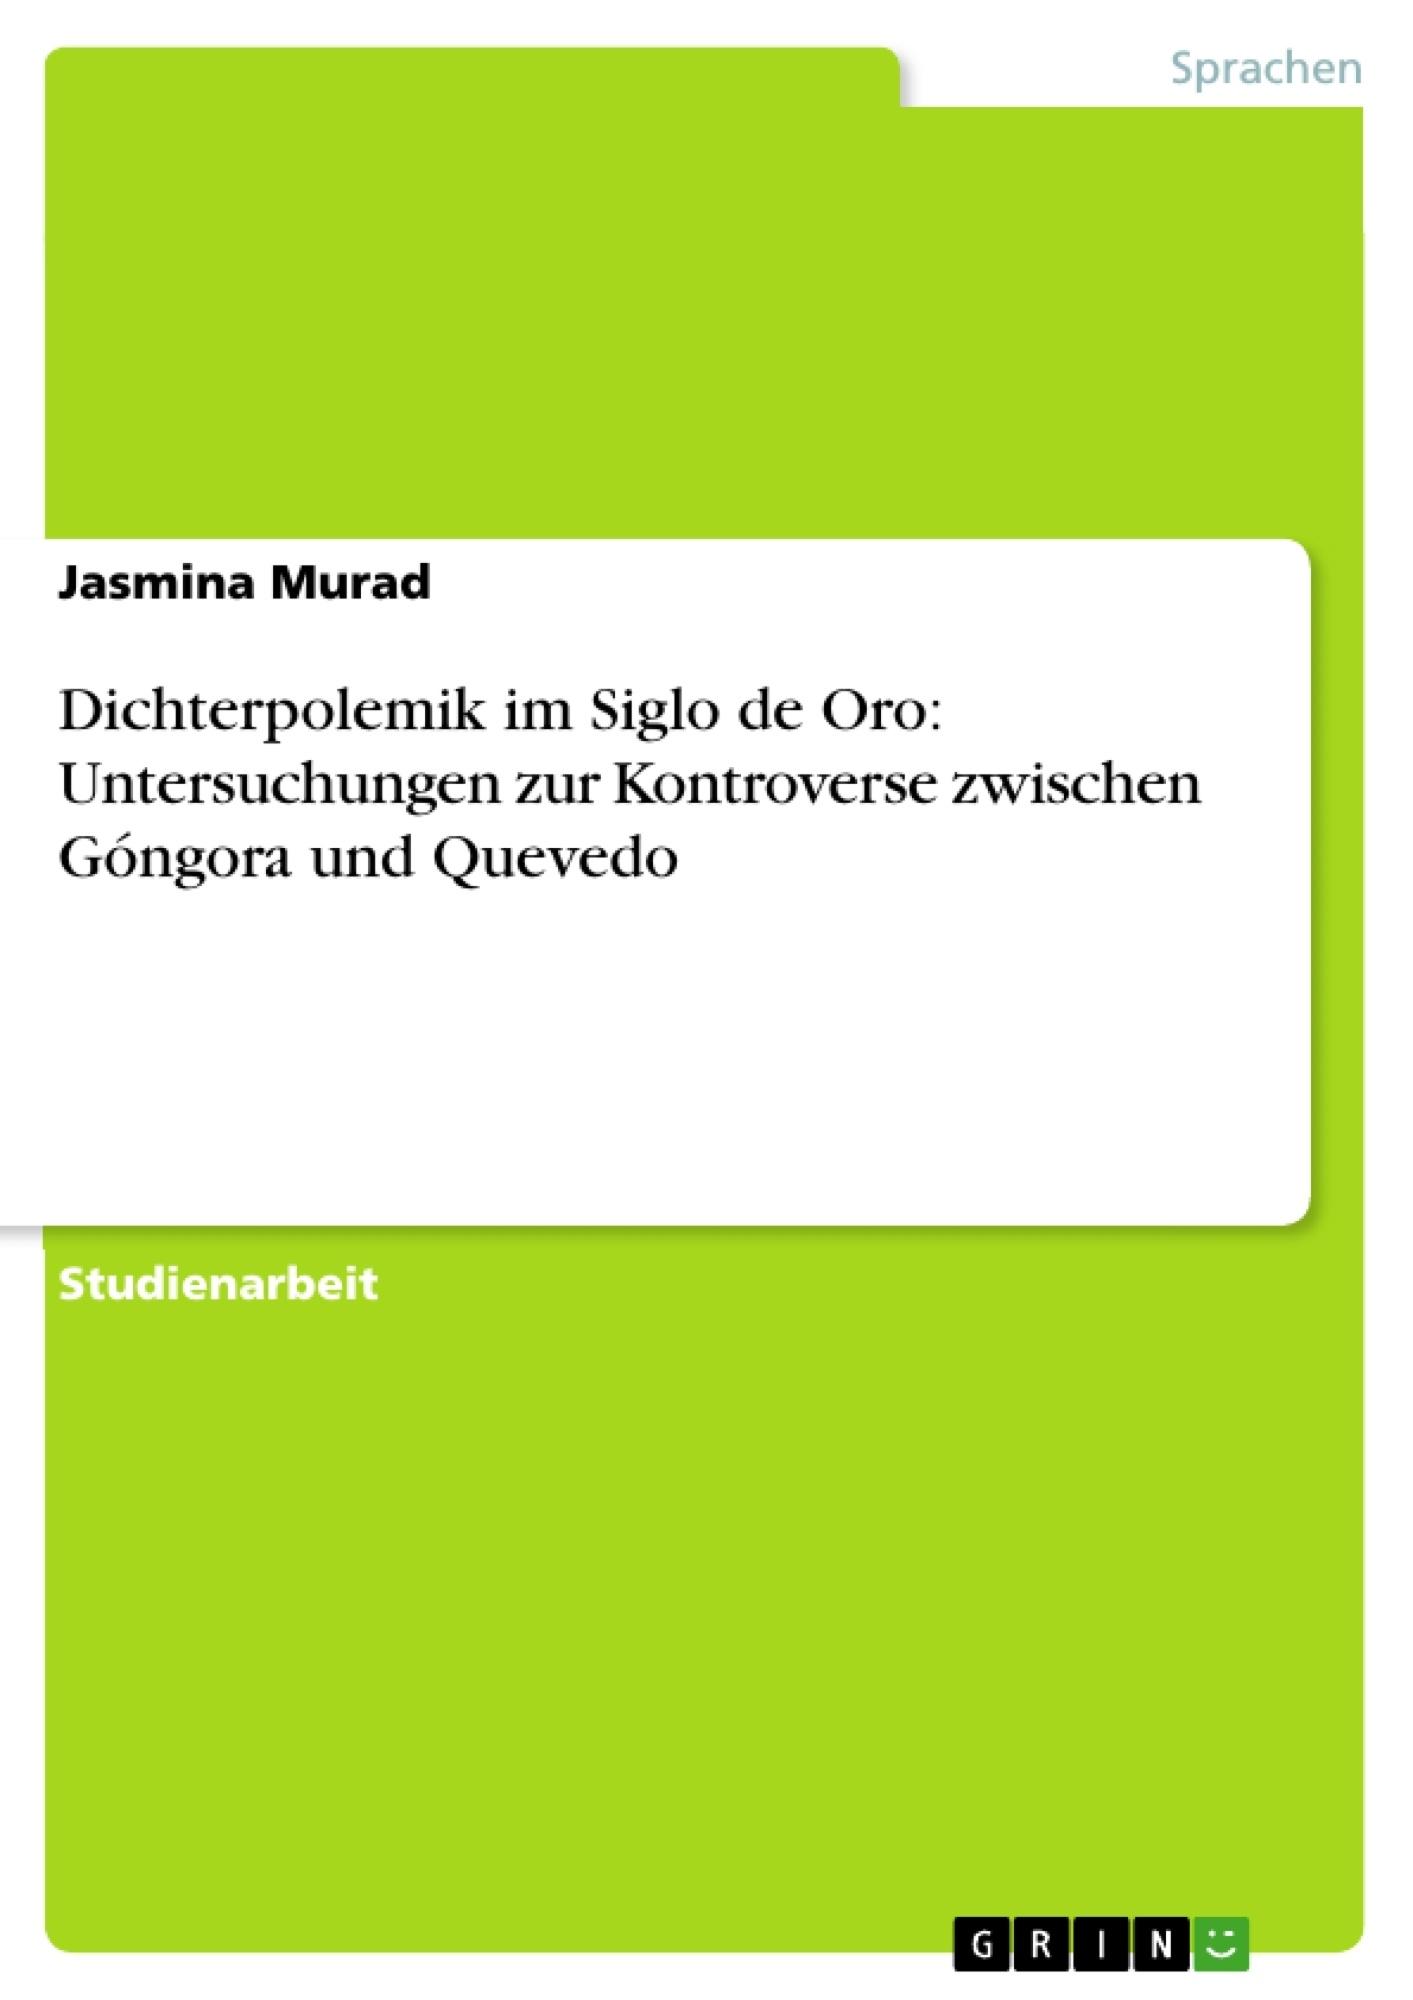 Titel: Dichterpolemik im Siglo de Oro: Untersuchungen zur Kontroverse zwischen Góngora und Quevedo